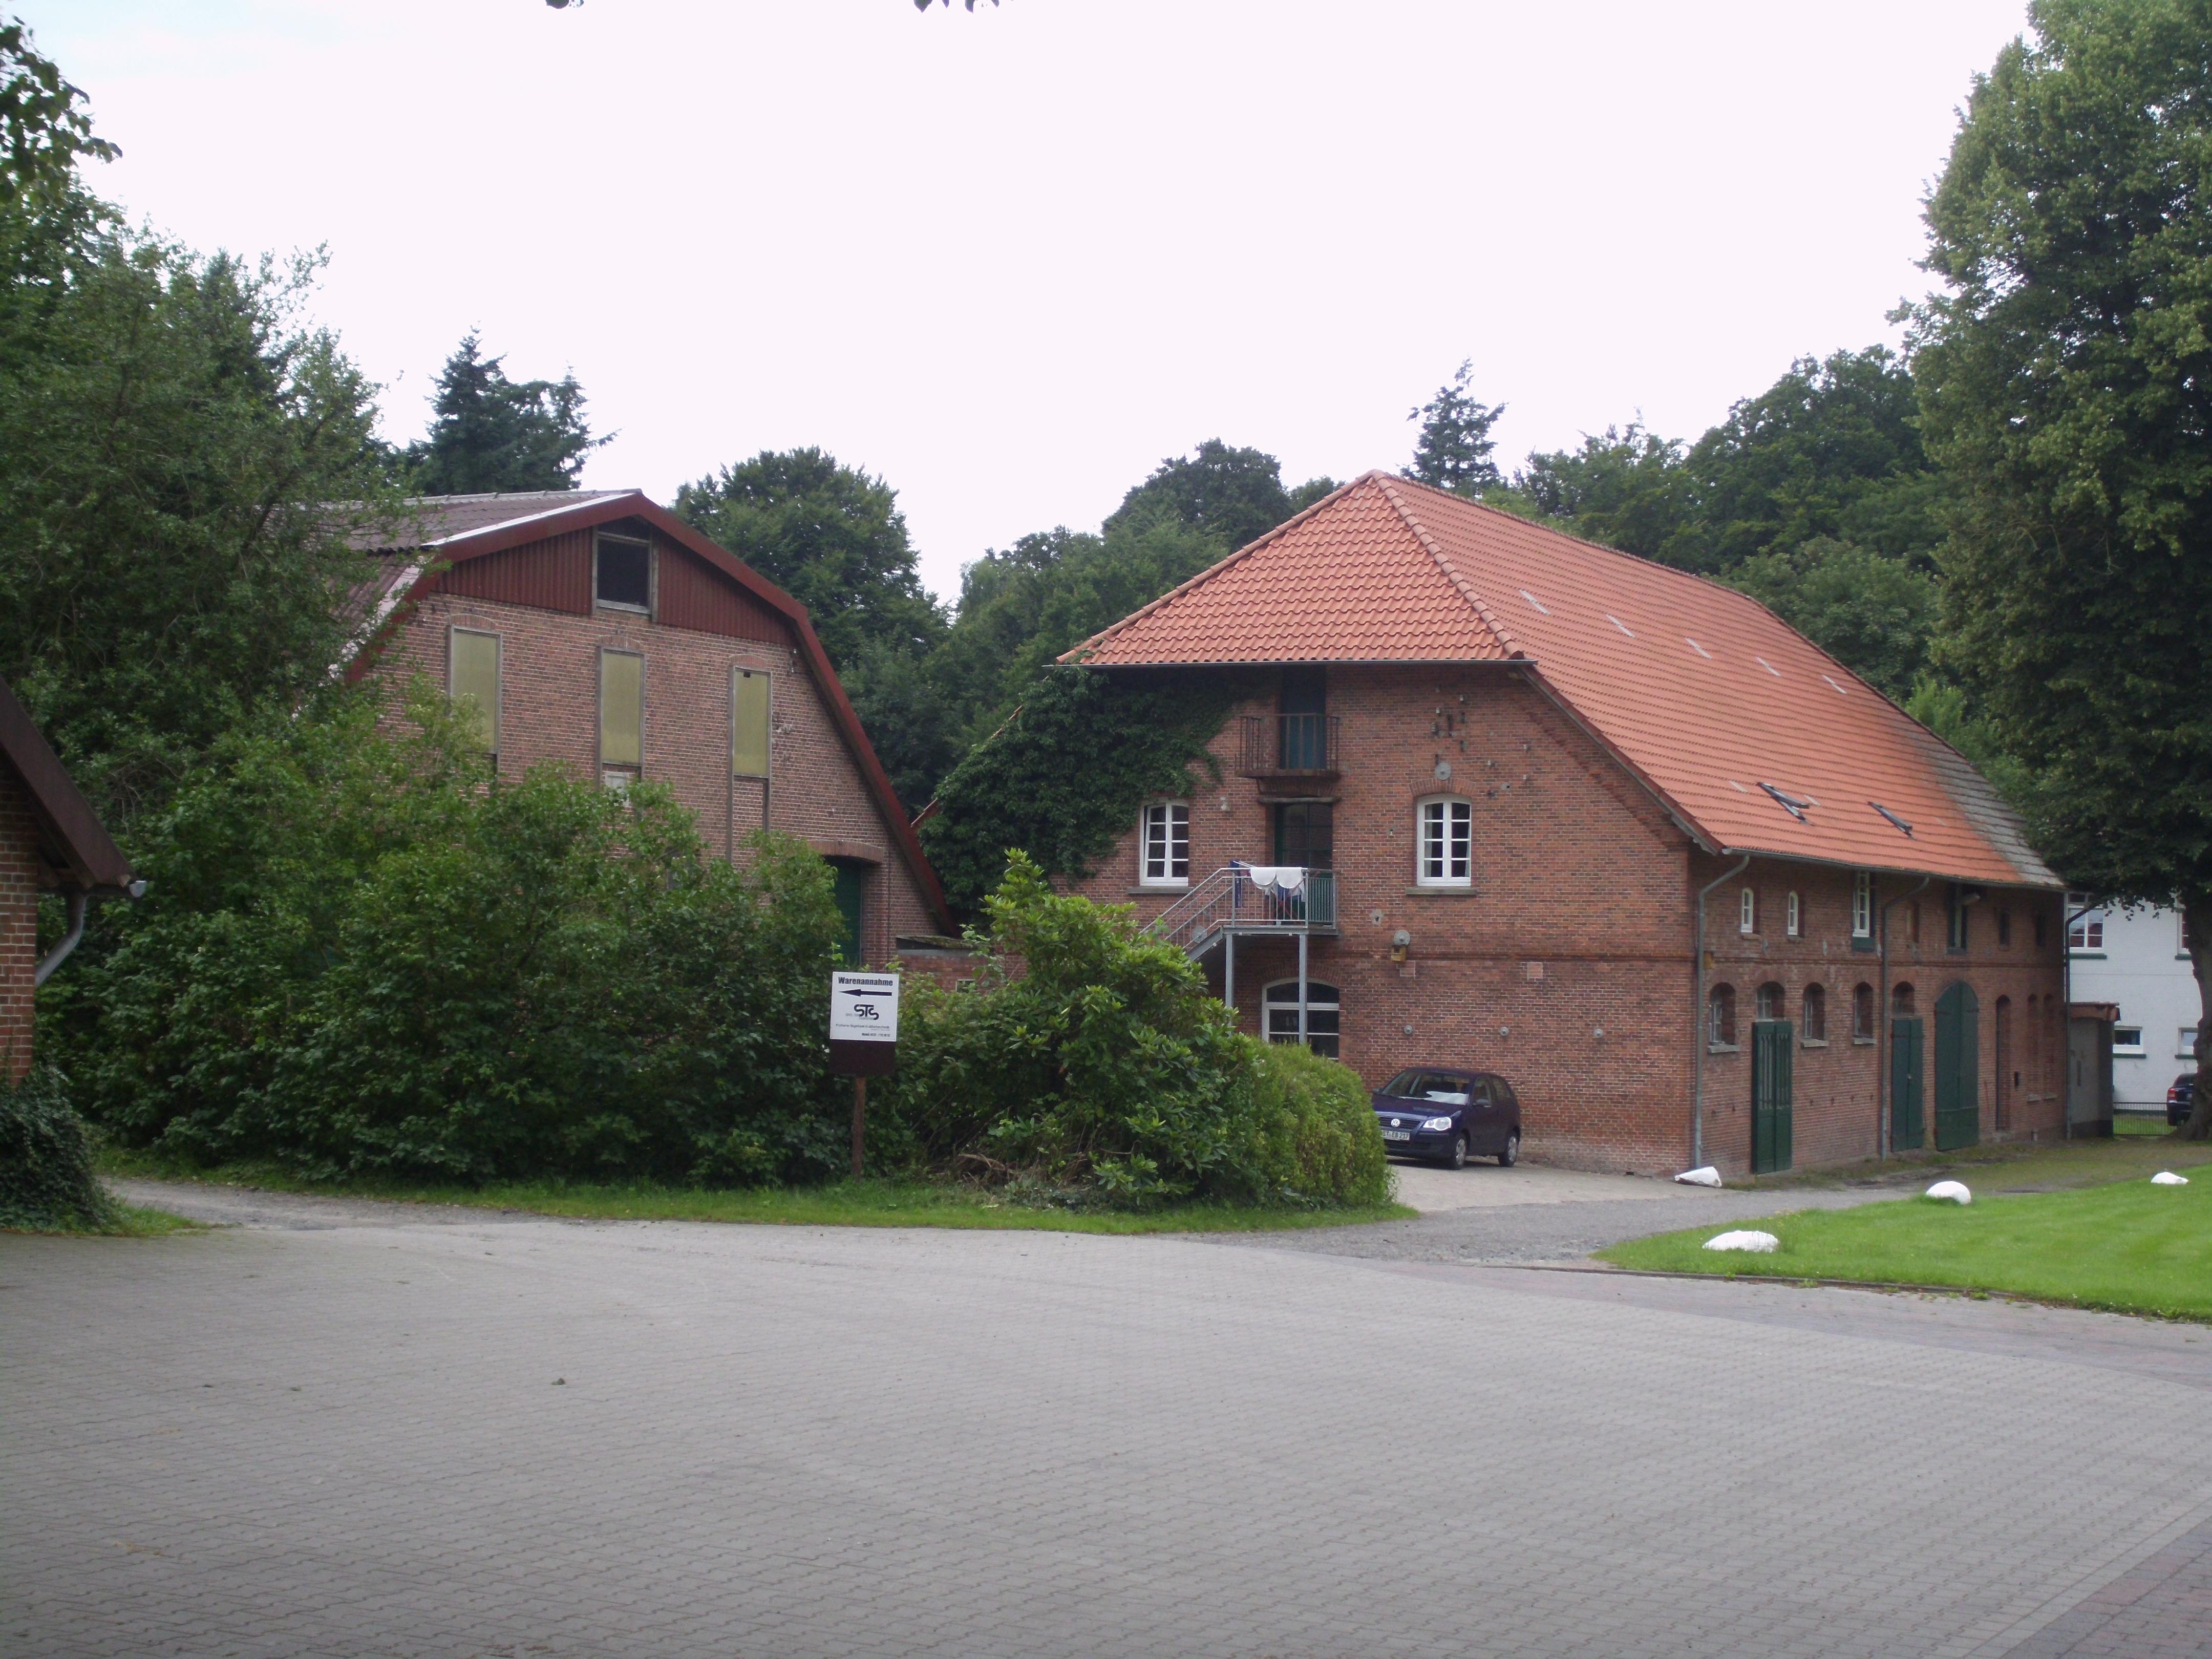 wasserburg christian singles An der wasserburg 2 38446 wolfsburg deutschland  wellnessreisende,  geschäftsreisende, hochzeitsreisende, urlaub zu zweit, familie, singles mit kind .